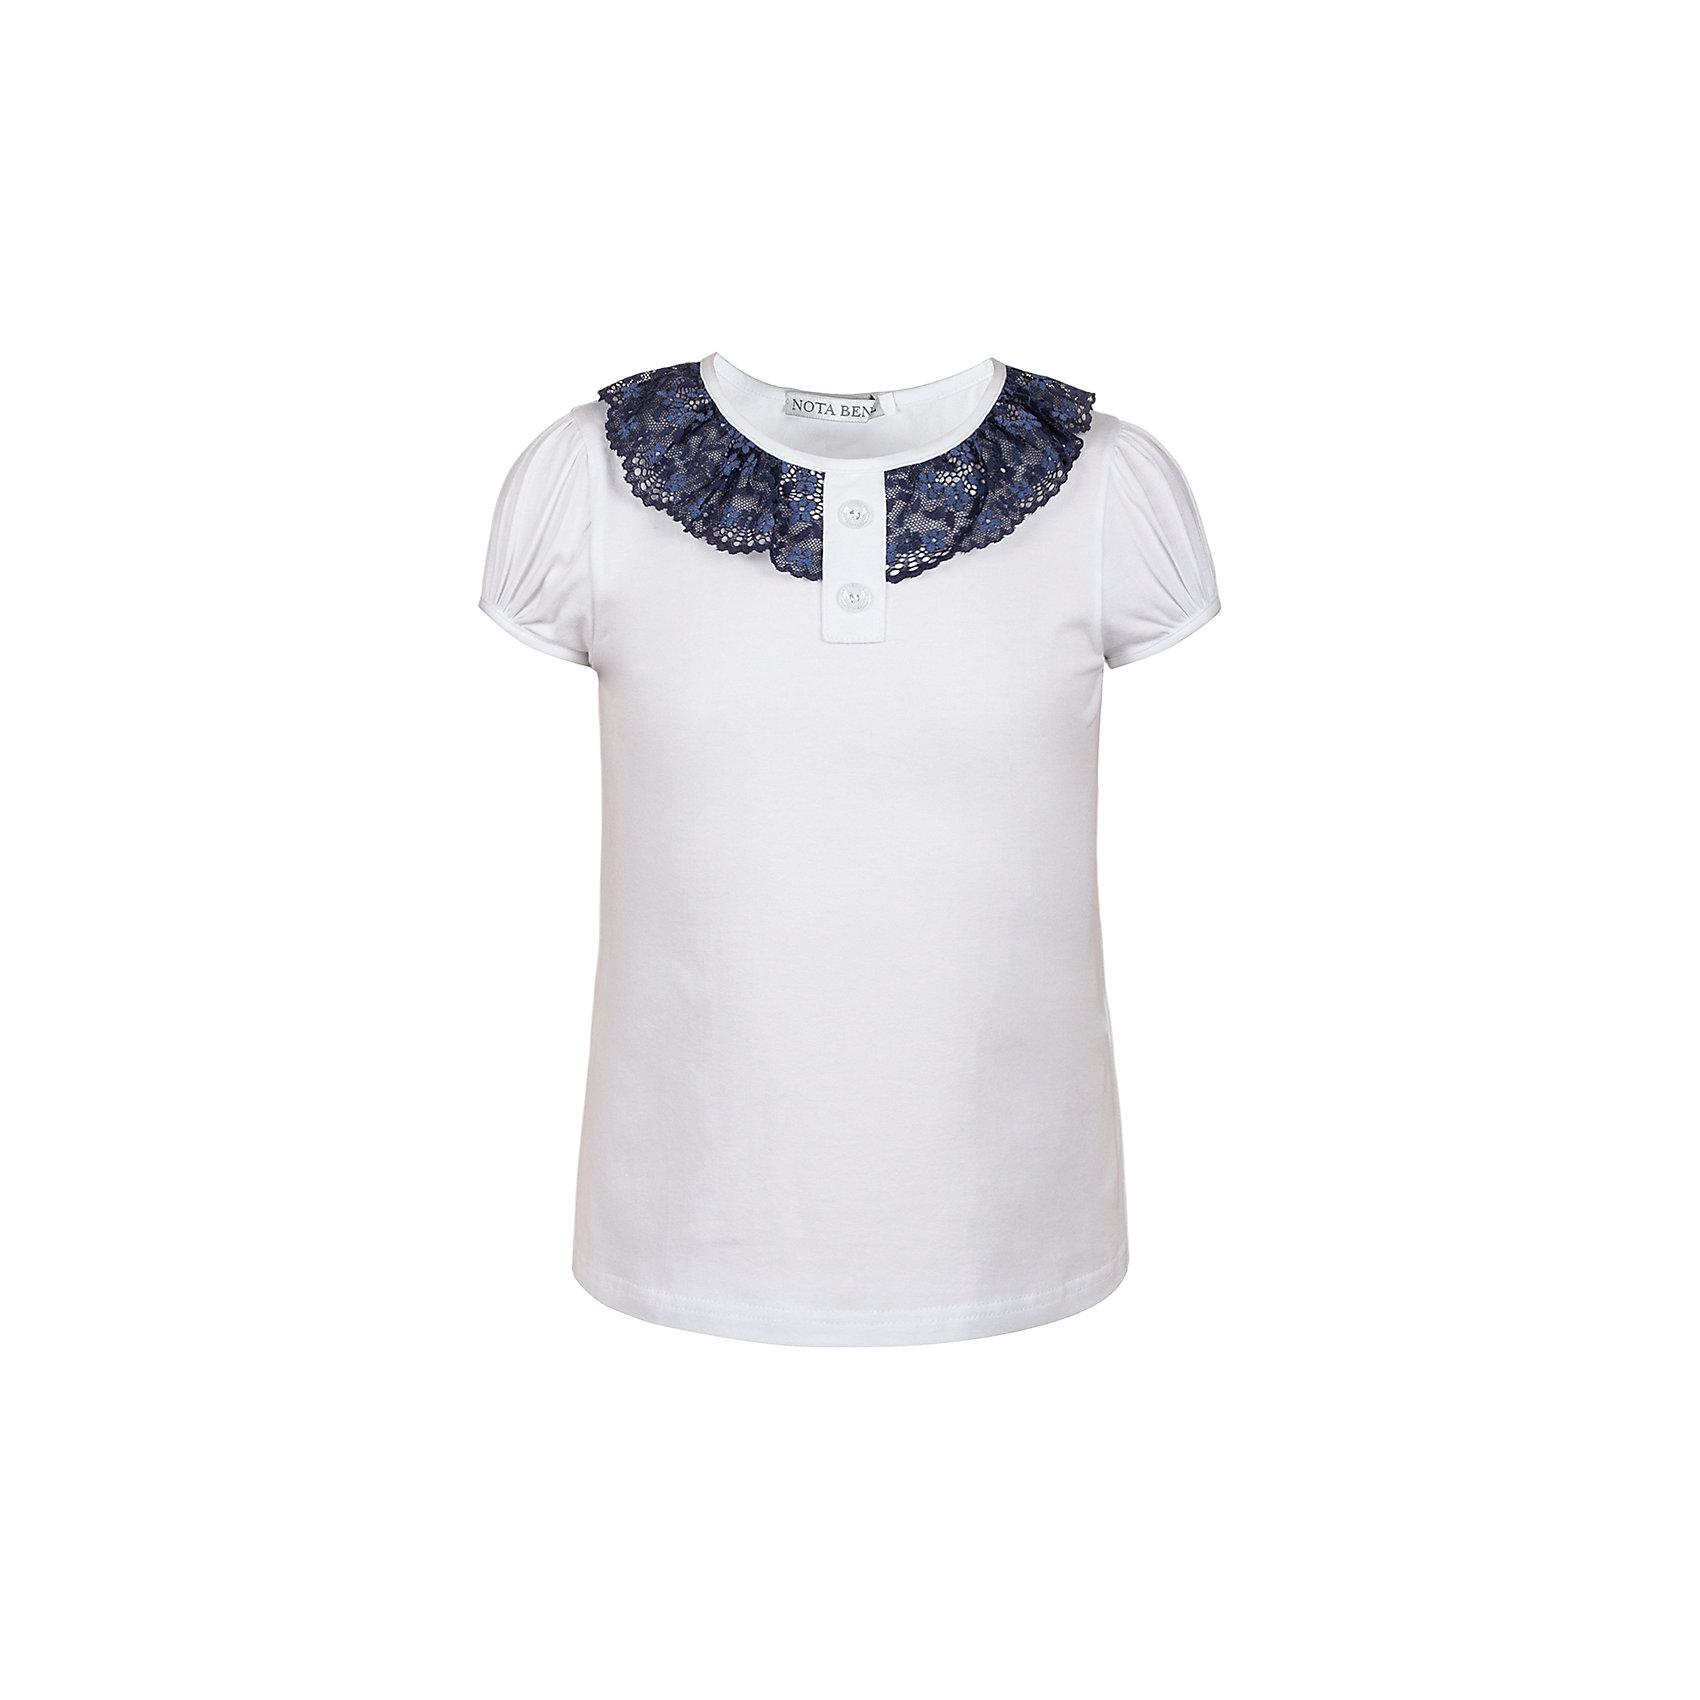 Блузка Nota Bene для девочкиБлузки и рубашки<br>Блузка с короткими рукавами с кружевной отделкой<br>Соответствует размеру<br>Рекомендована предварительная стирка<br>Состав:<br>92% хлопок; 8% лайкра<br><br>Ширина мм: 186<br>Глубина мм: 87<br>Высота мм: 198<br>Вес г: 197<br>Цвет: белый<br>Возраст от месяцев: 156<br>Возраст до месяцев: 168<br>Пол: Женский<br>Возраст: Детский<br>Размер: 164,146,152,158<br>SKU: 7011969